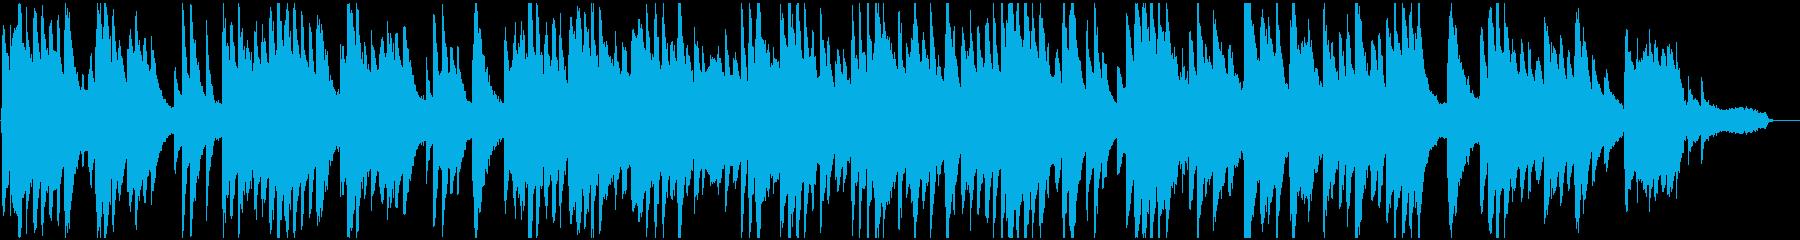 明るい雰囲気のピアノソロバラードの再生済みの波形